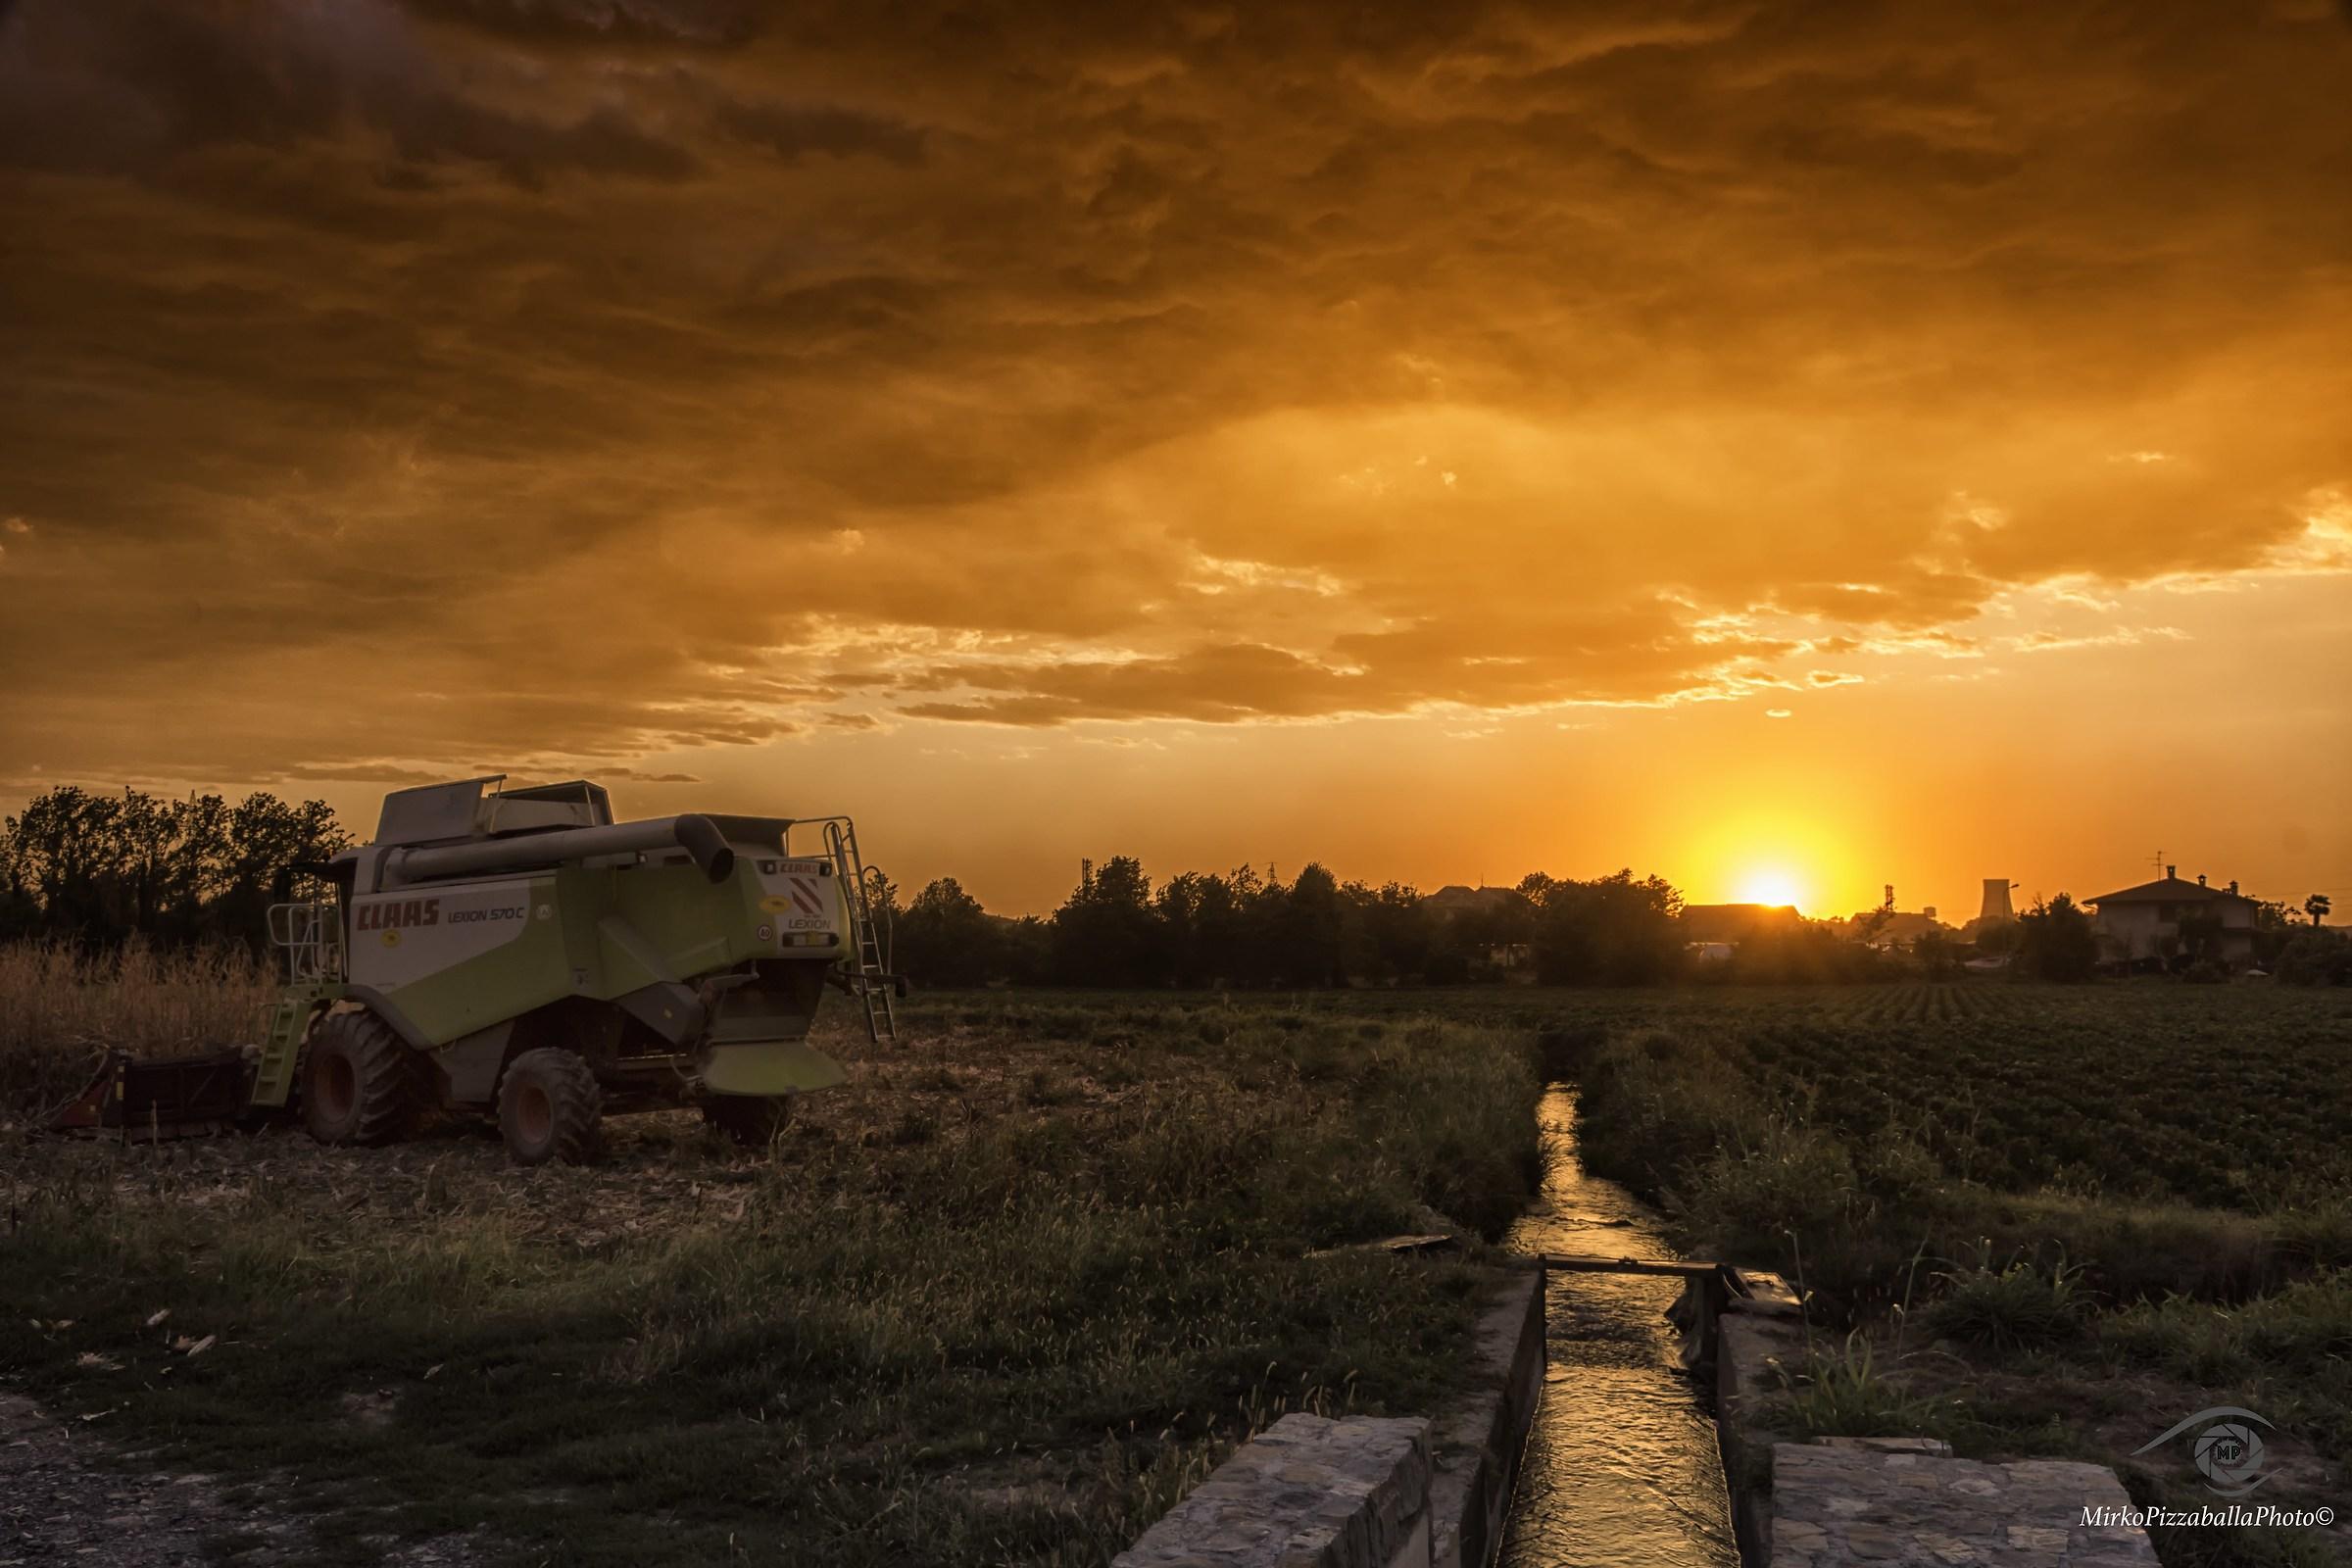 tramonto minaccioso...